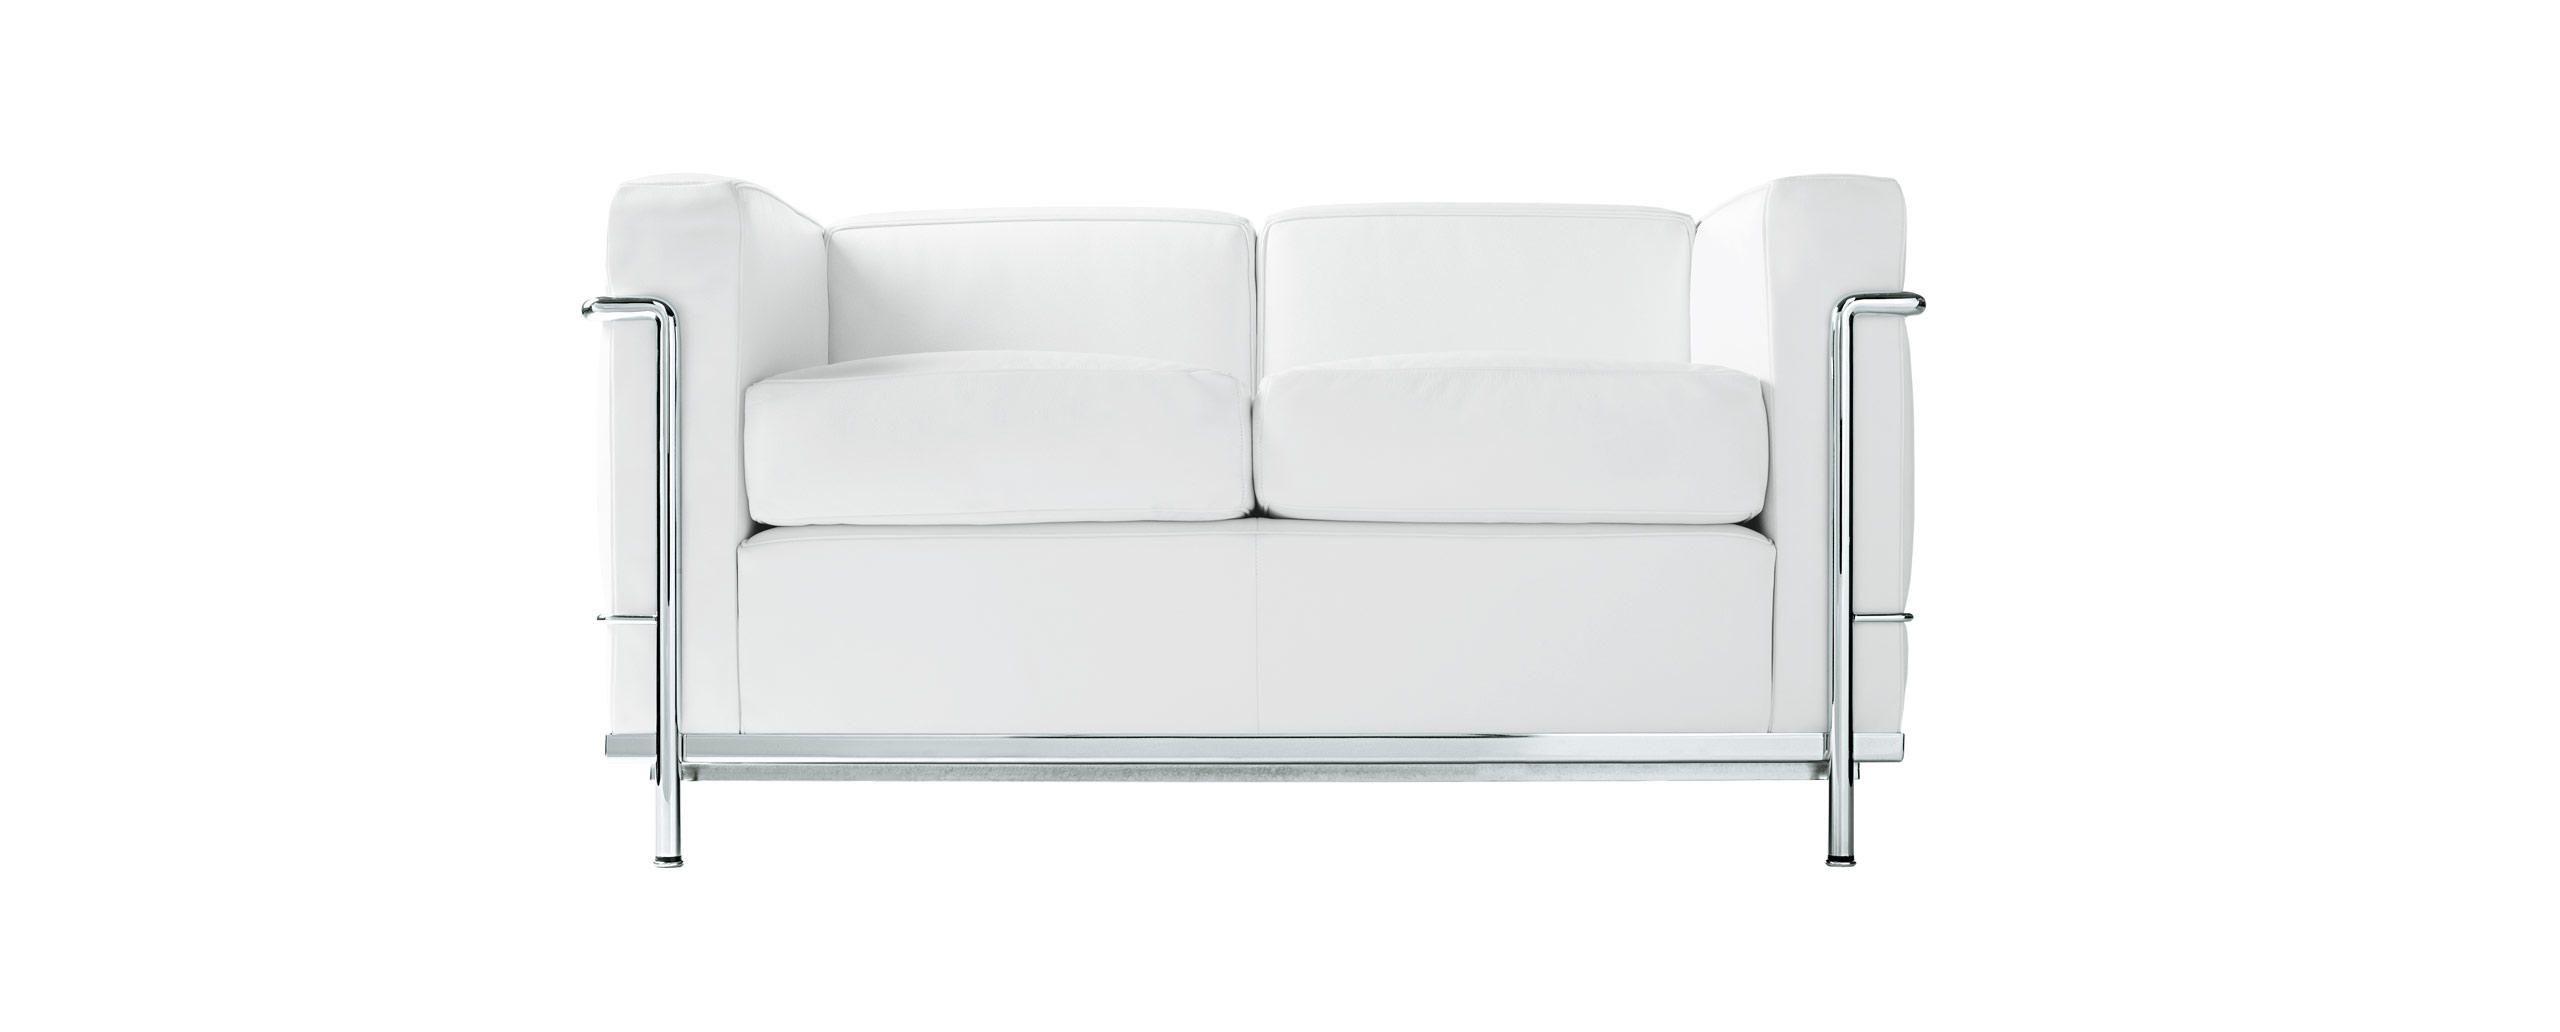 0dbefc52d5084f1c0c59c038f24acb9f Incroyable De Table Basse Le Corbusier Concept